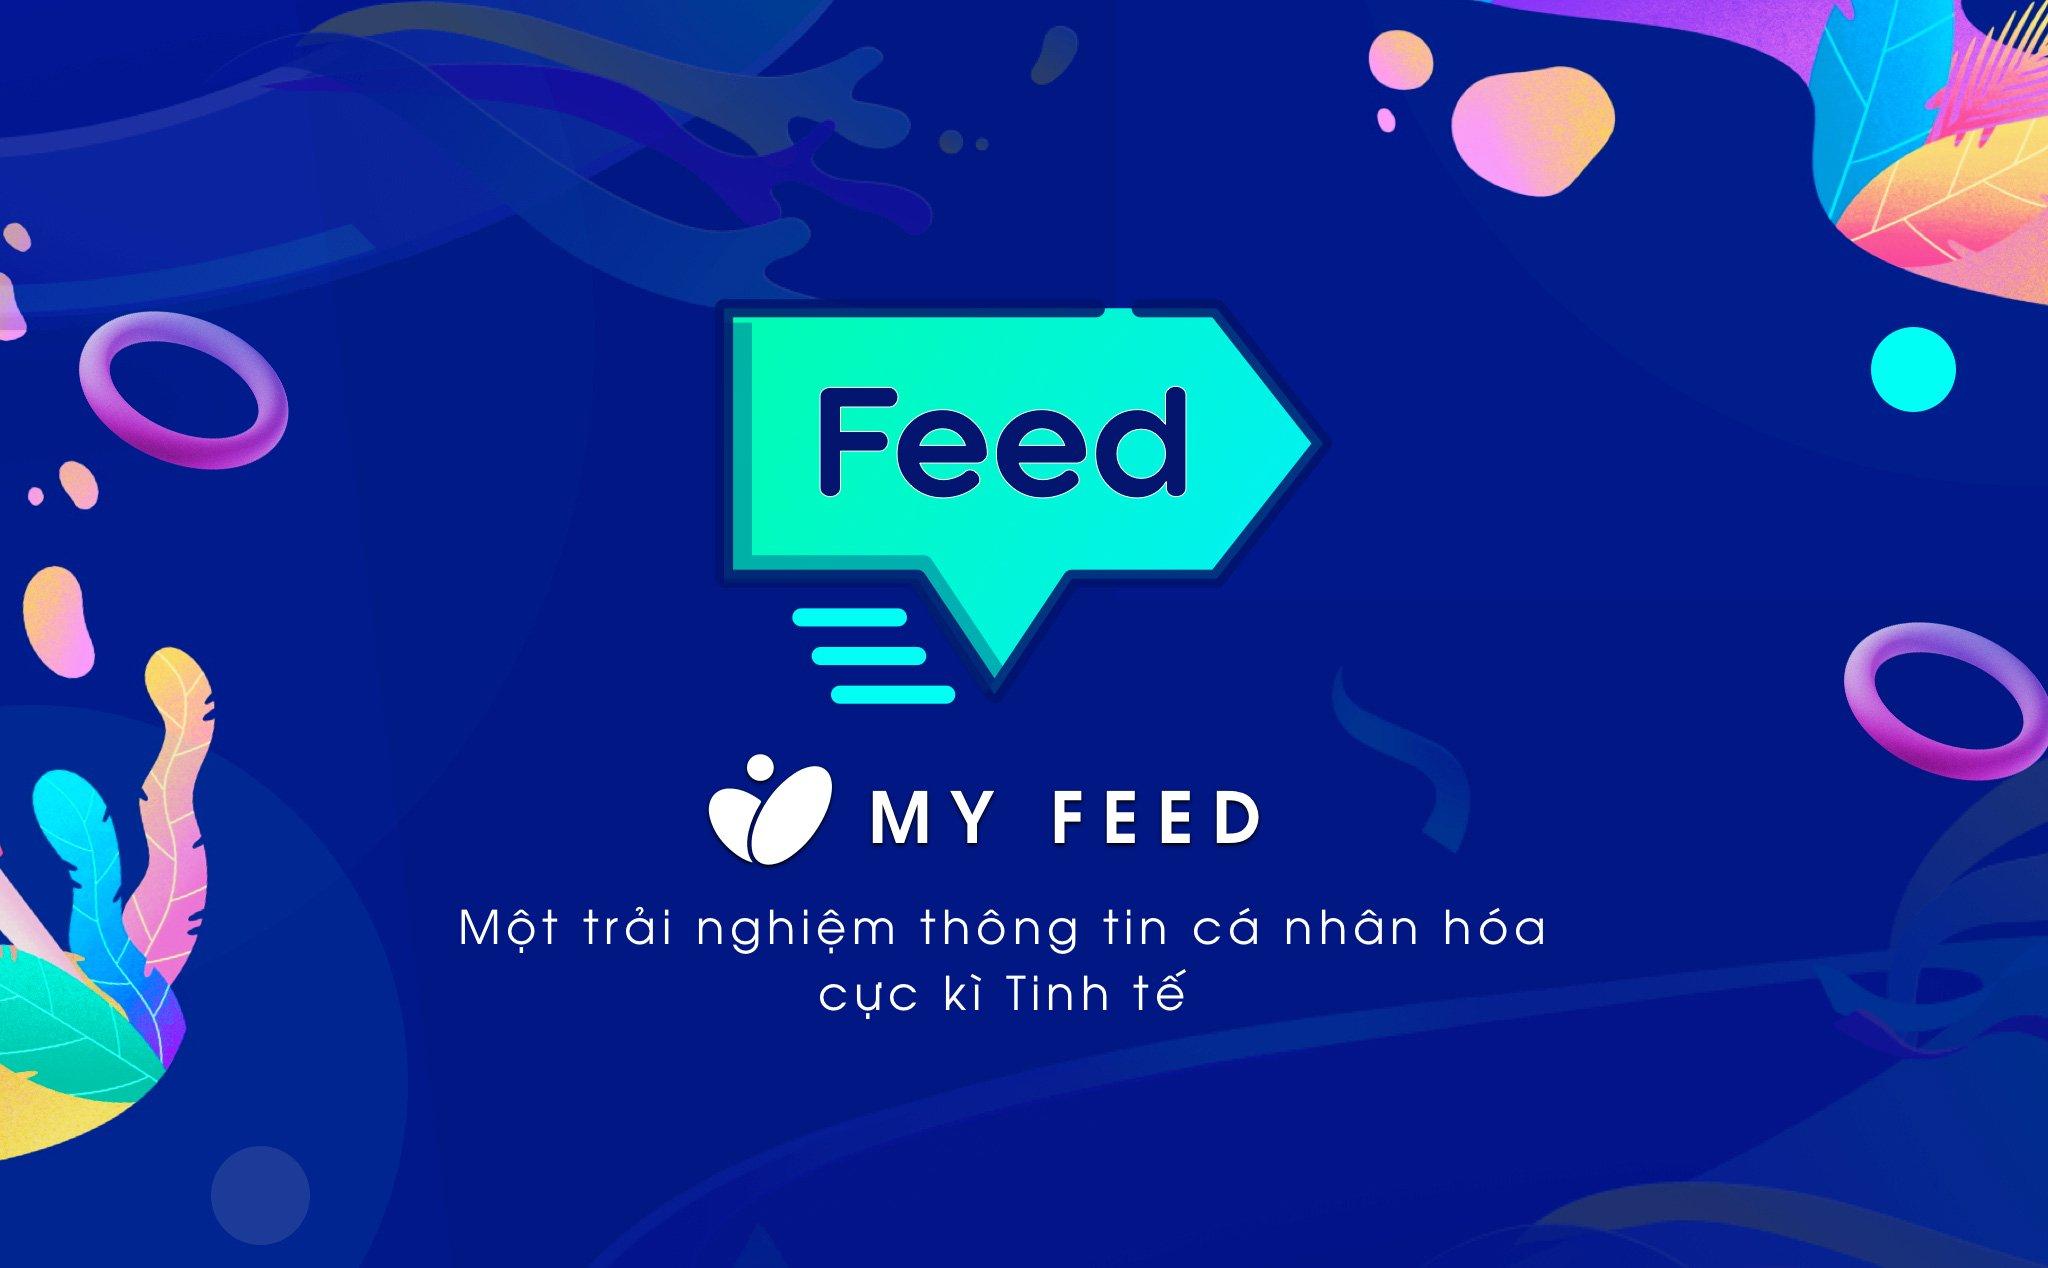 cover_home_my_feed_ca_nhan_hoa.jpg